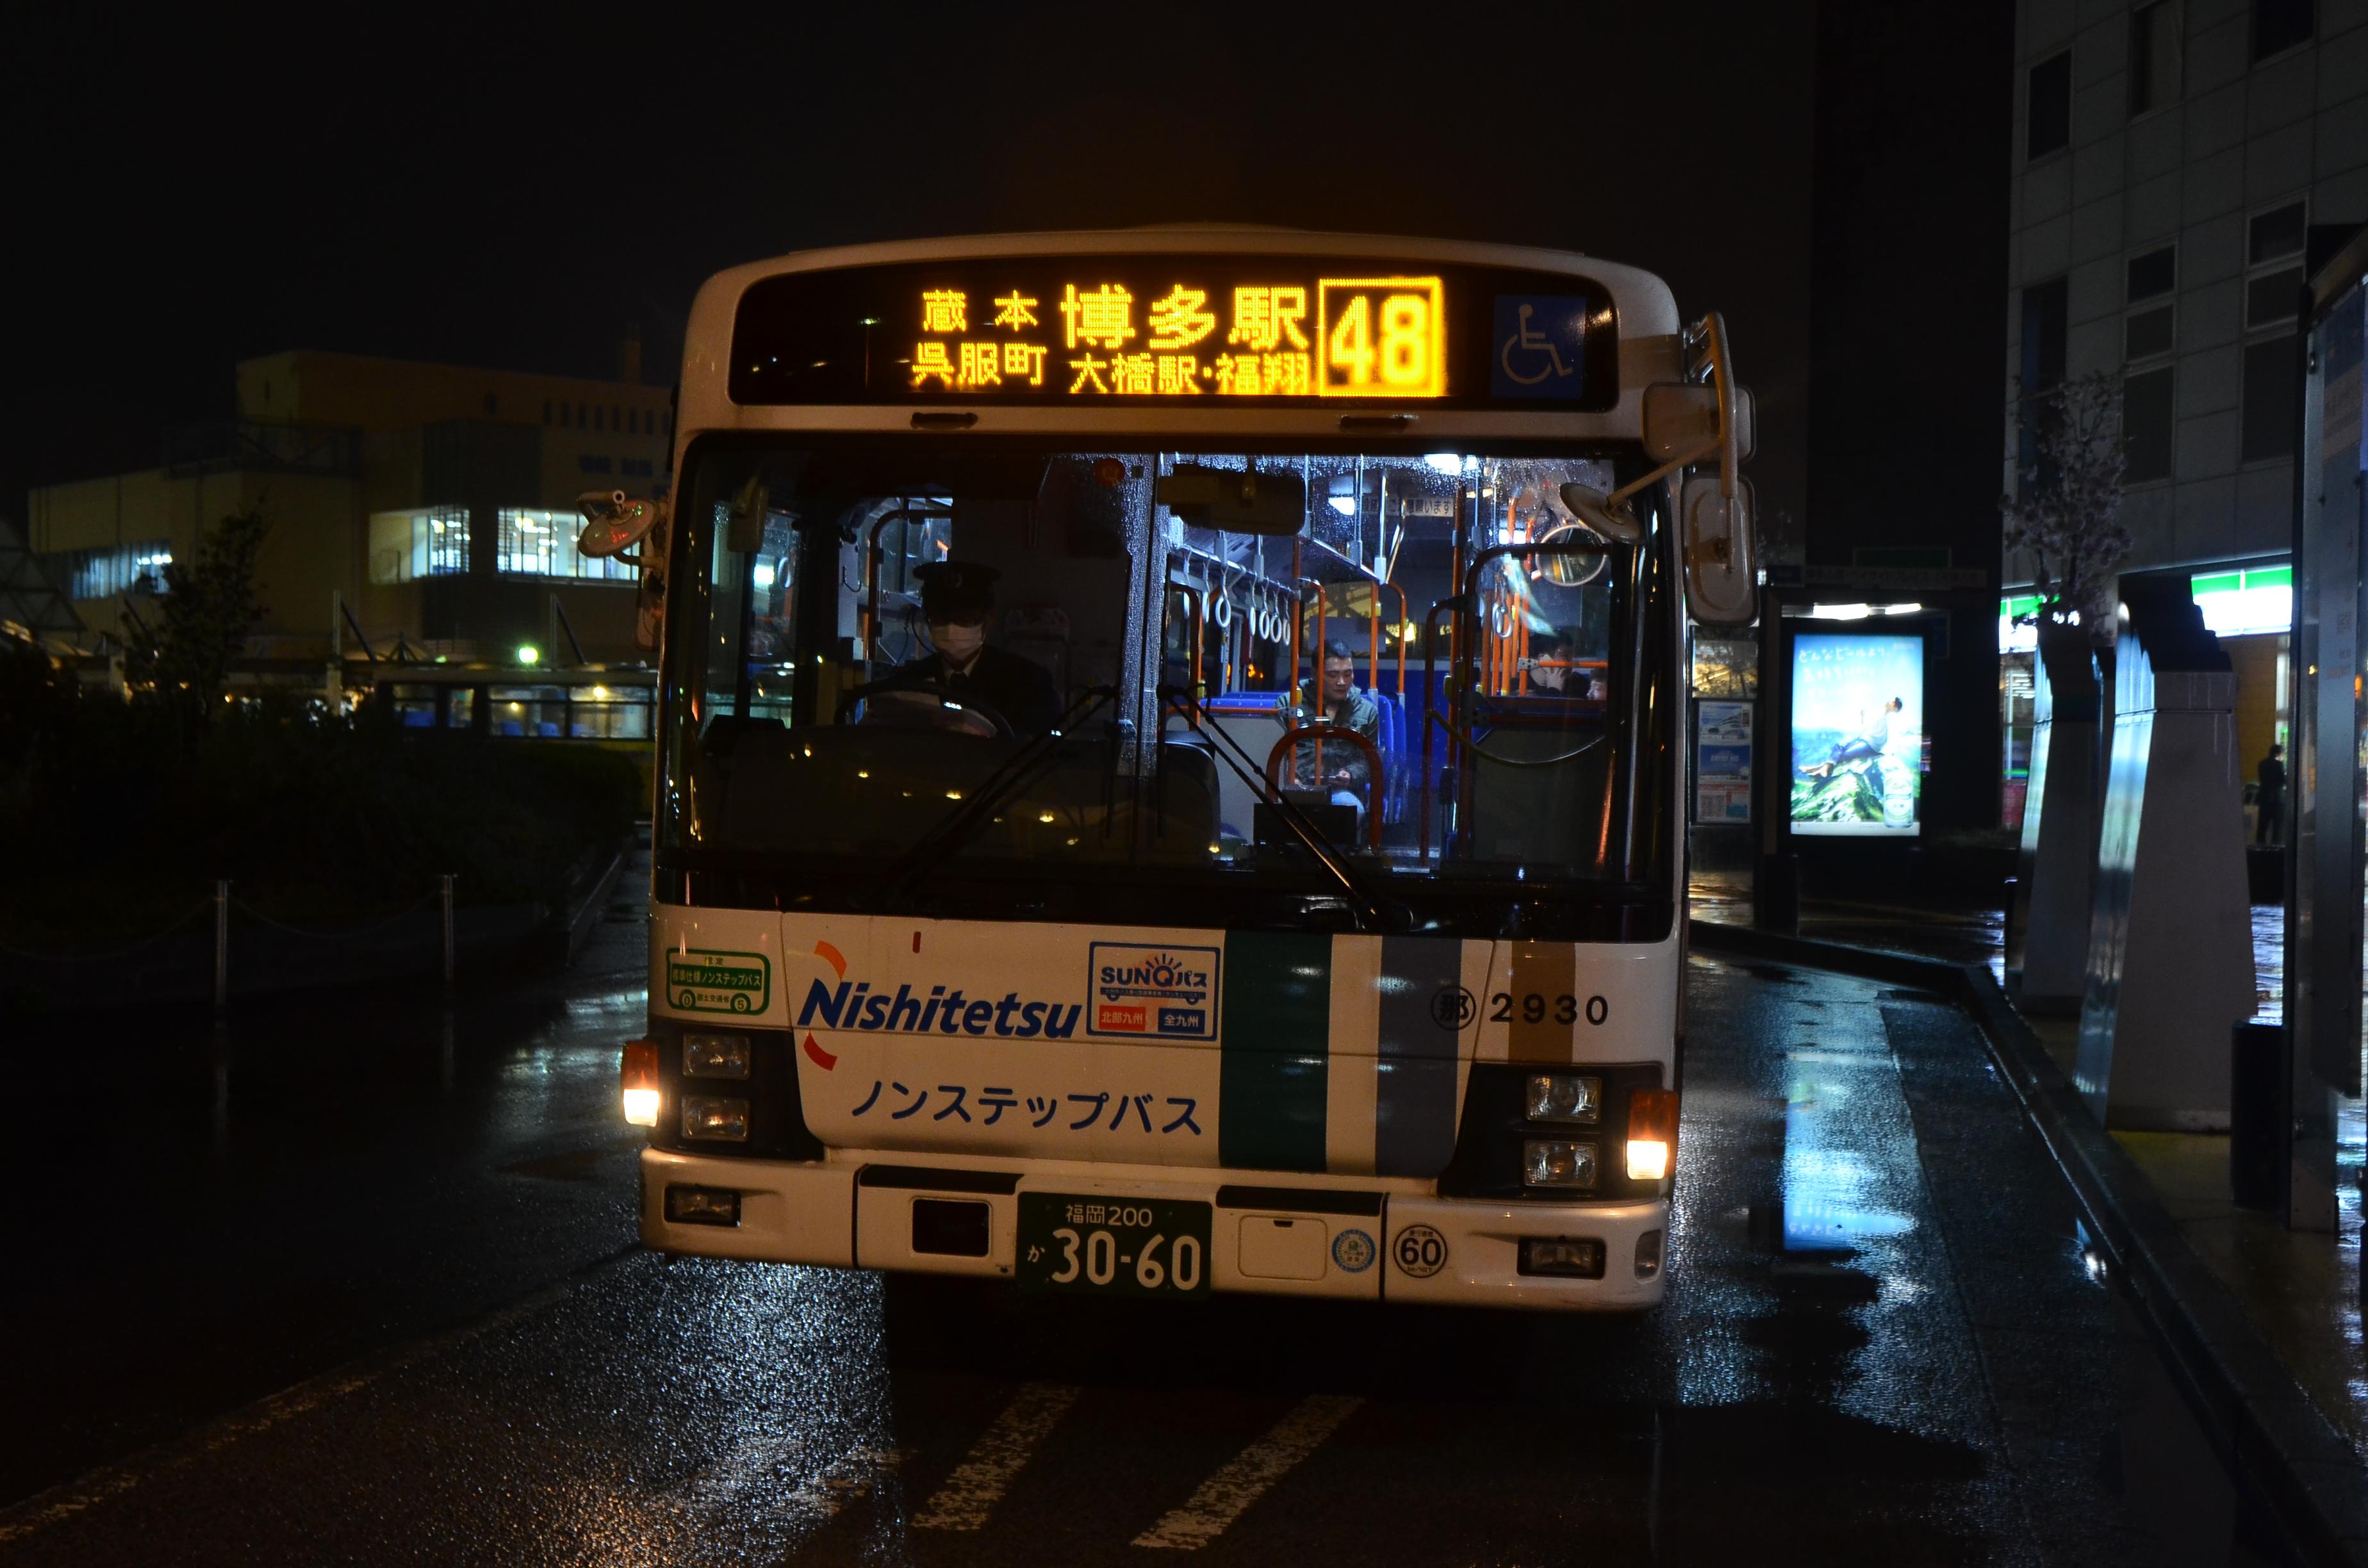 博多 48 號公車